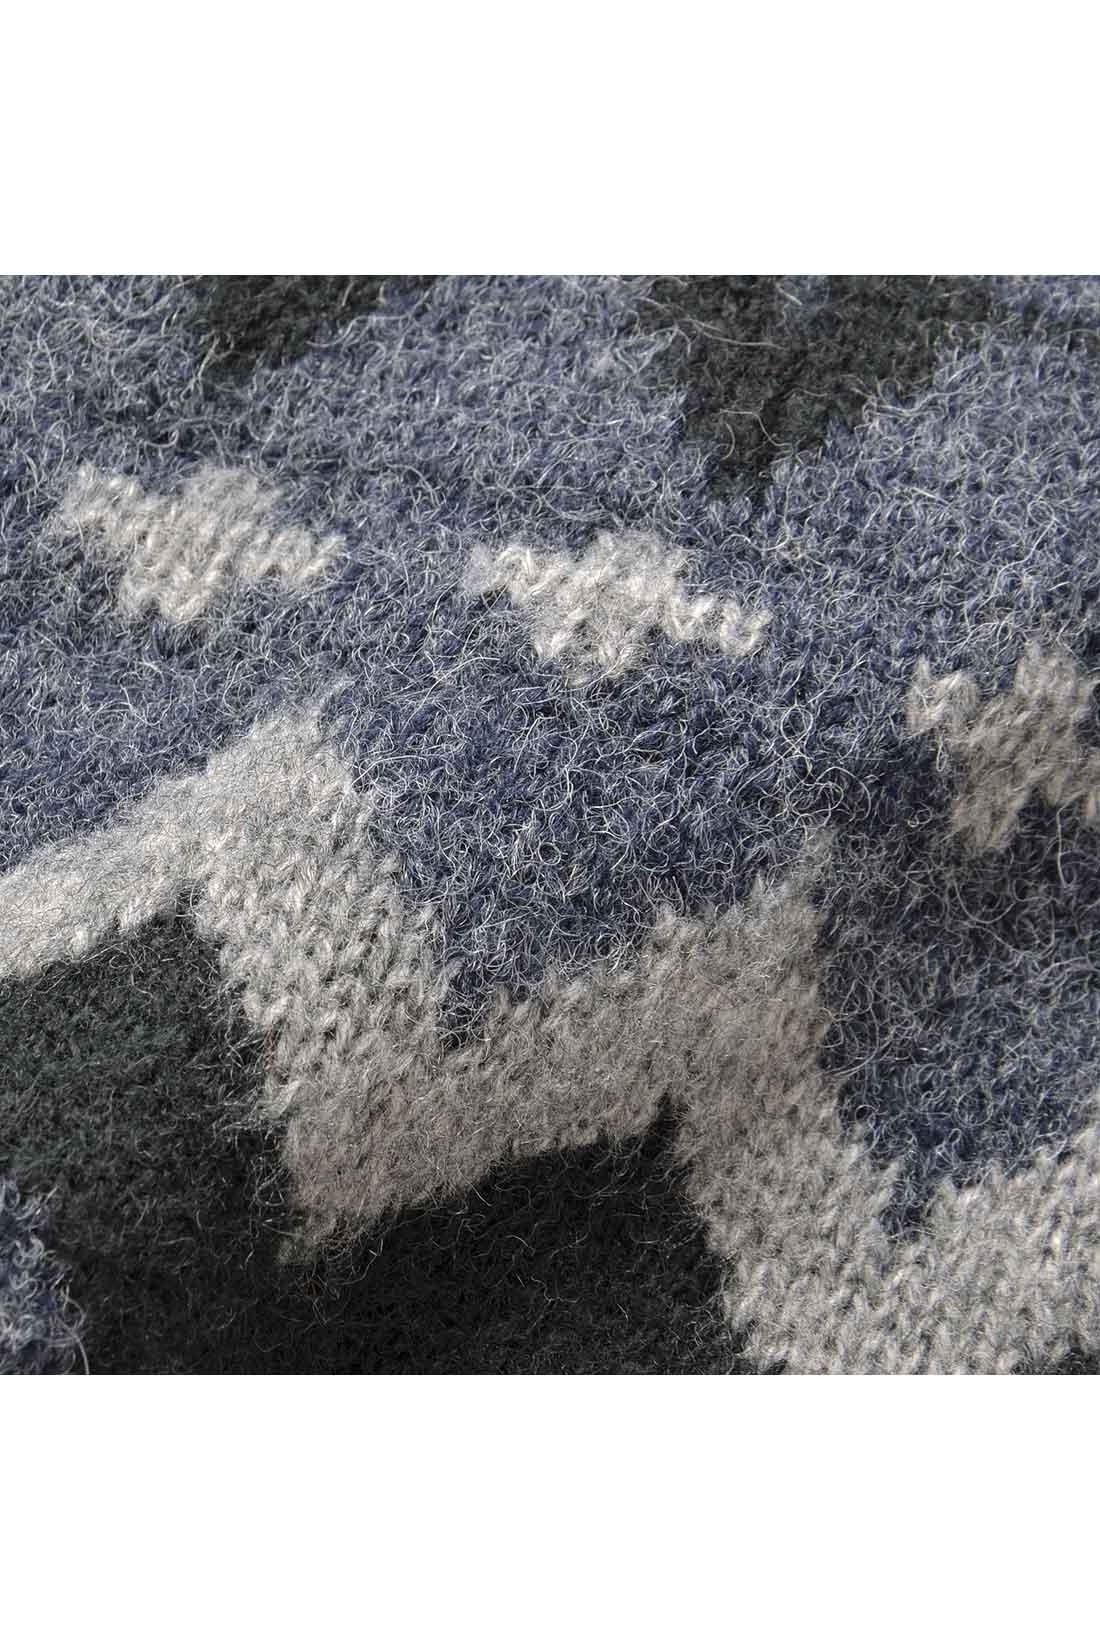 ウール混のニット素材に、さらに起毛をかけた編み地は、見た目も着心地も◎。